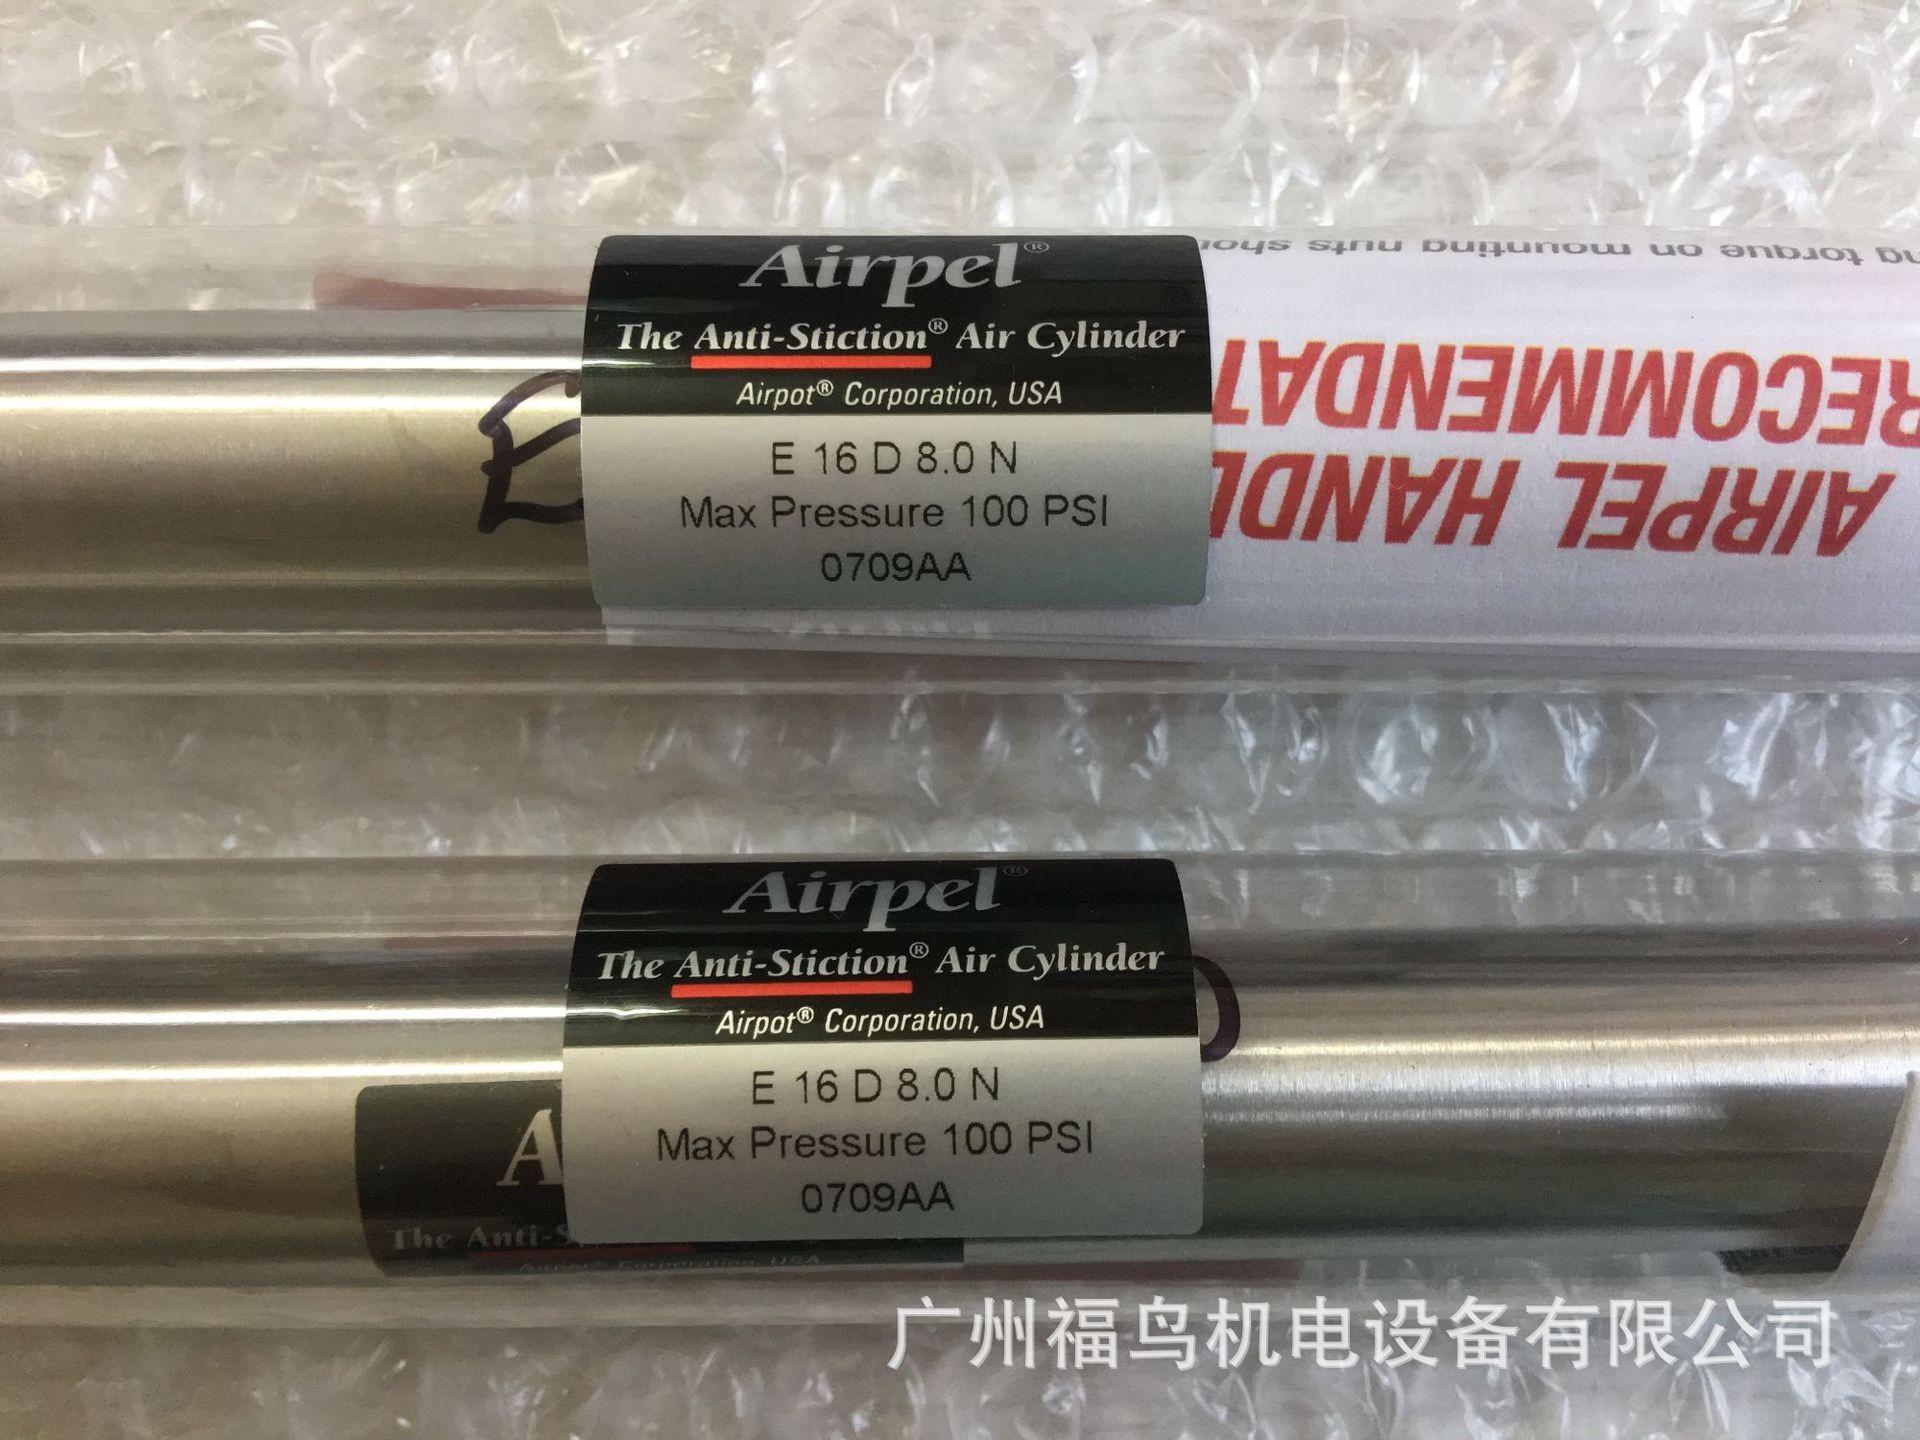 AIRPEL / AIRPOT玻璃气缸, 型号: E16D8.0N